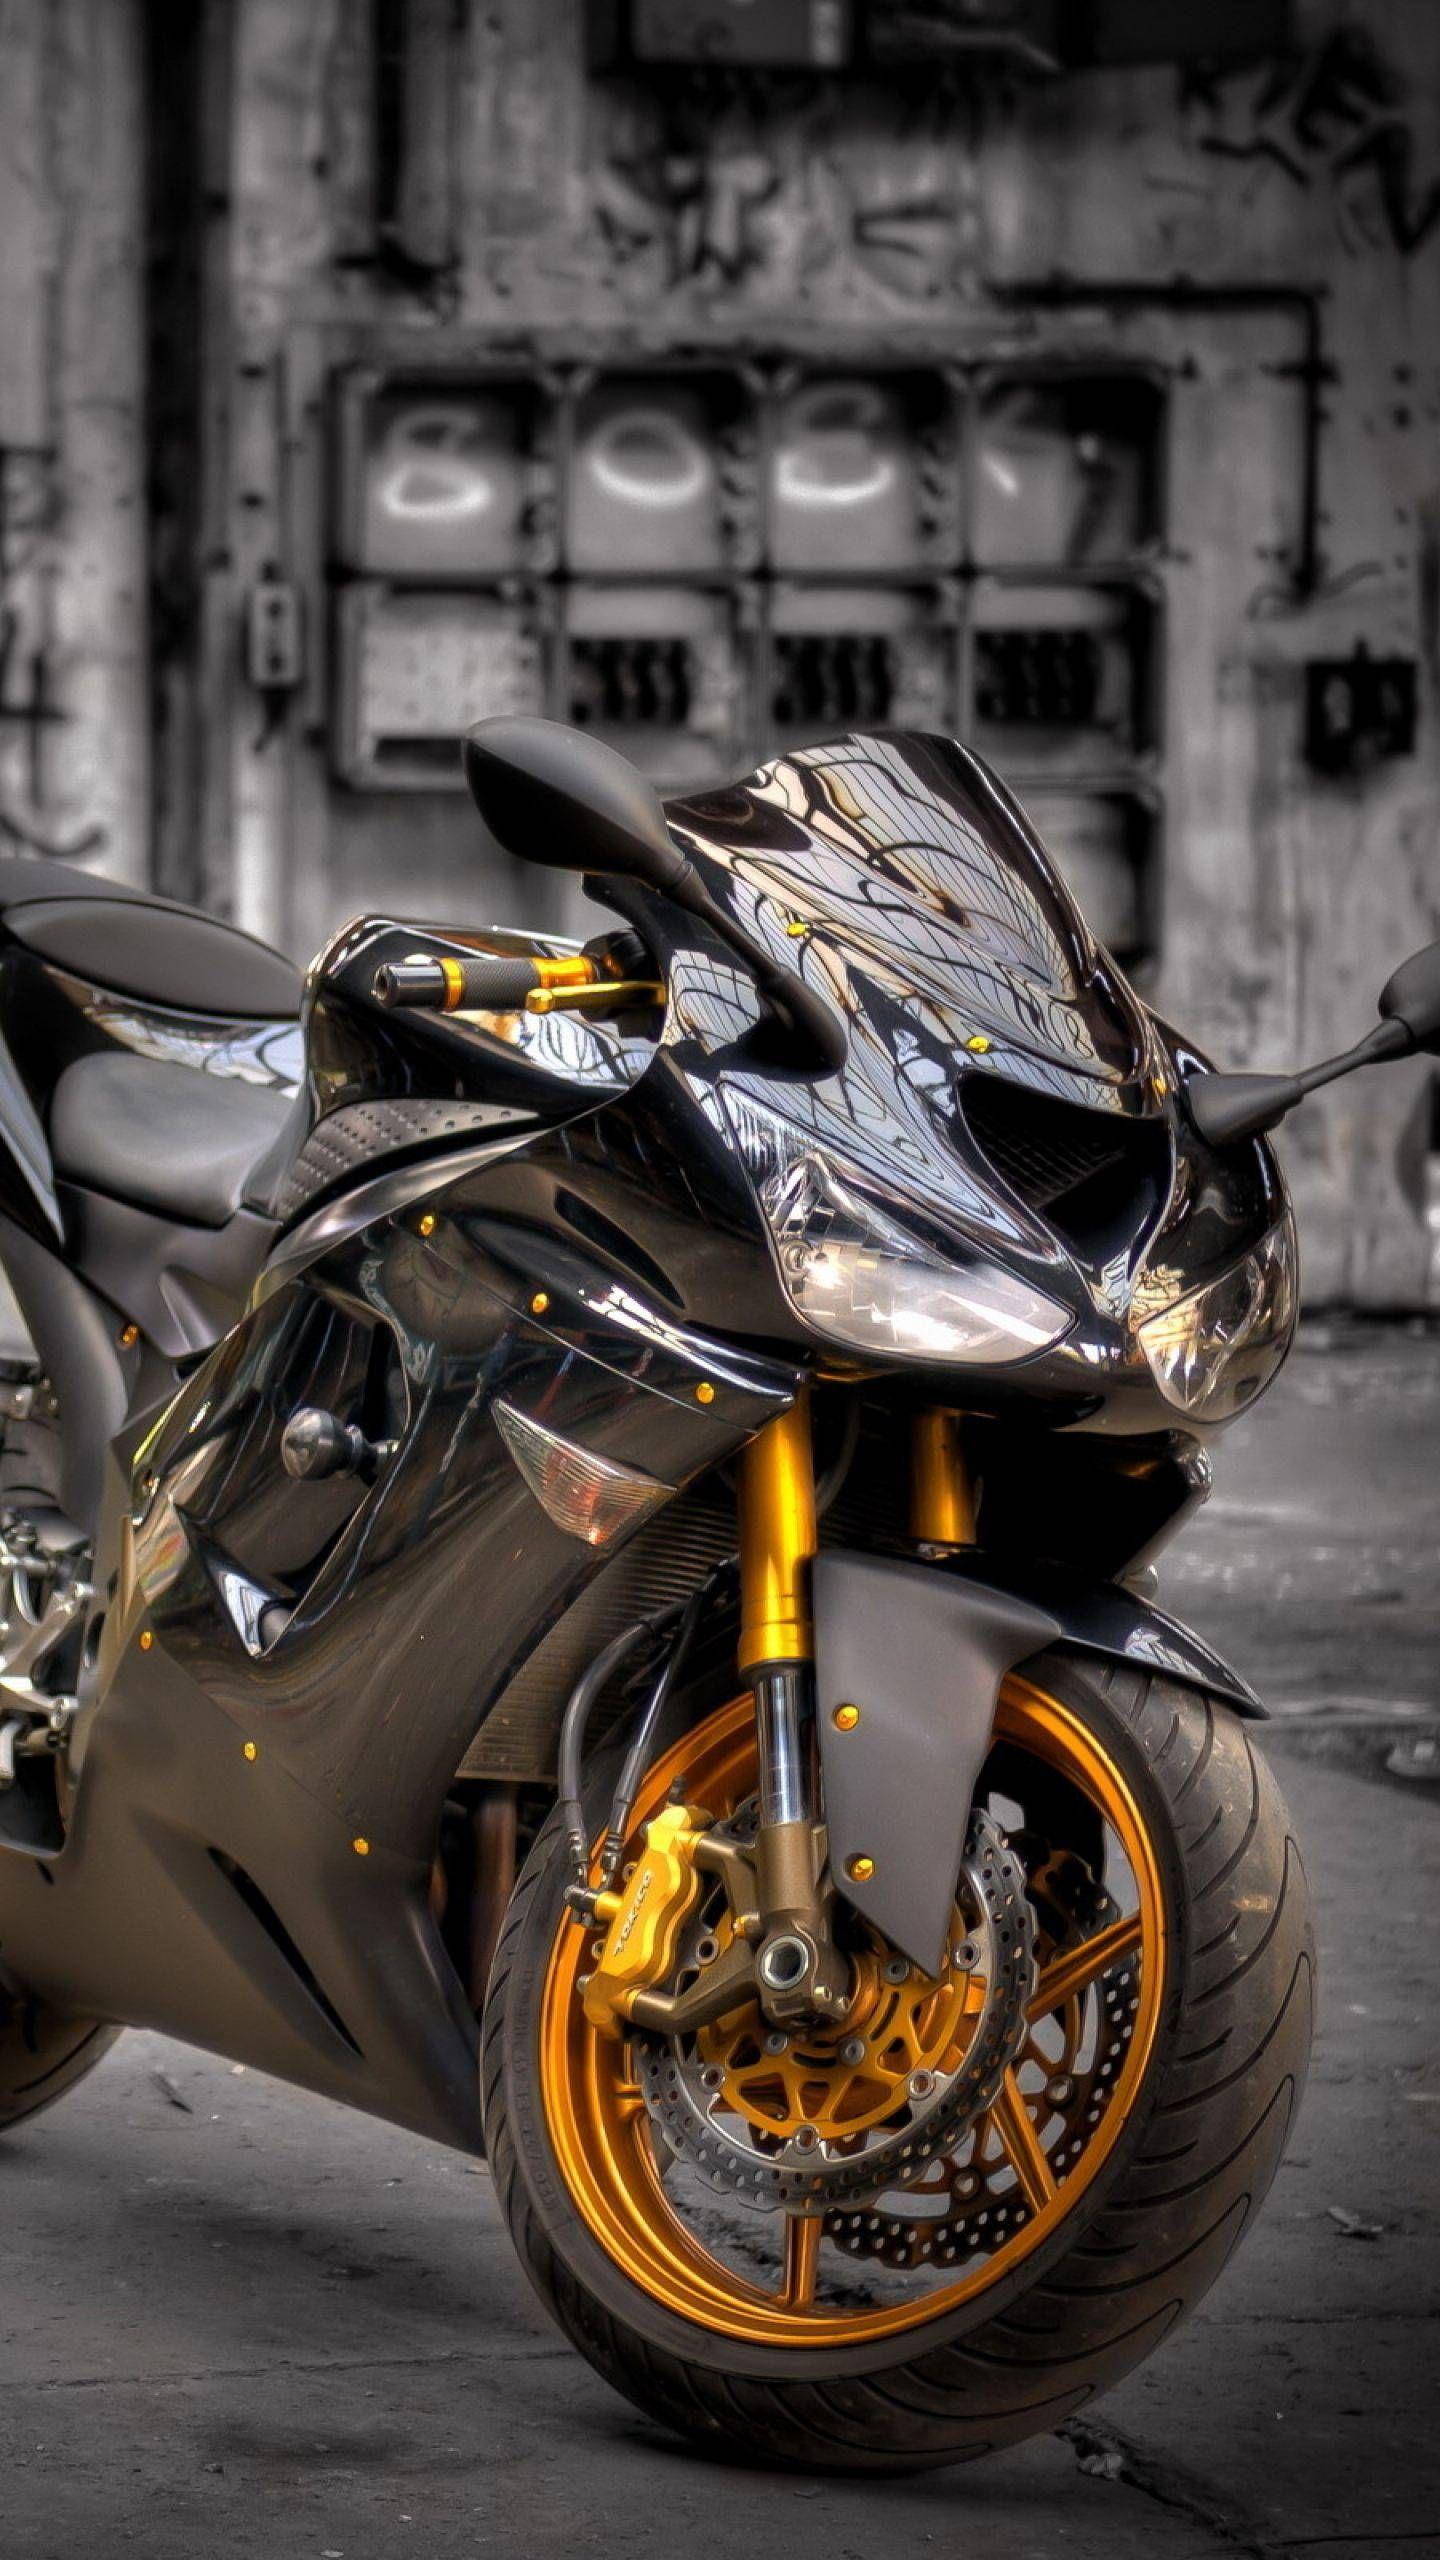 Fondo para celular de motos